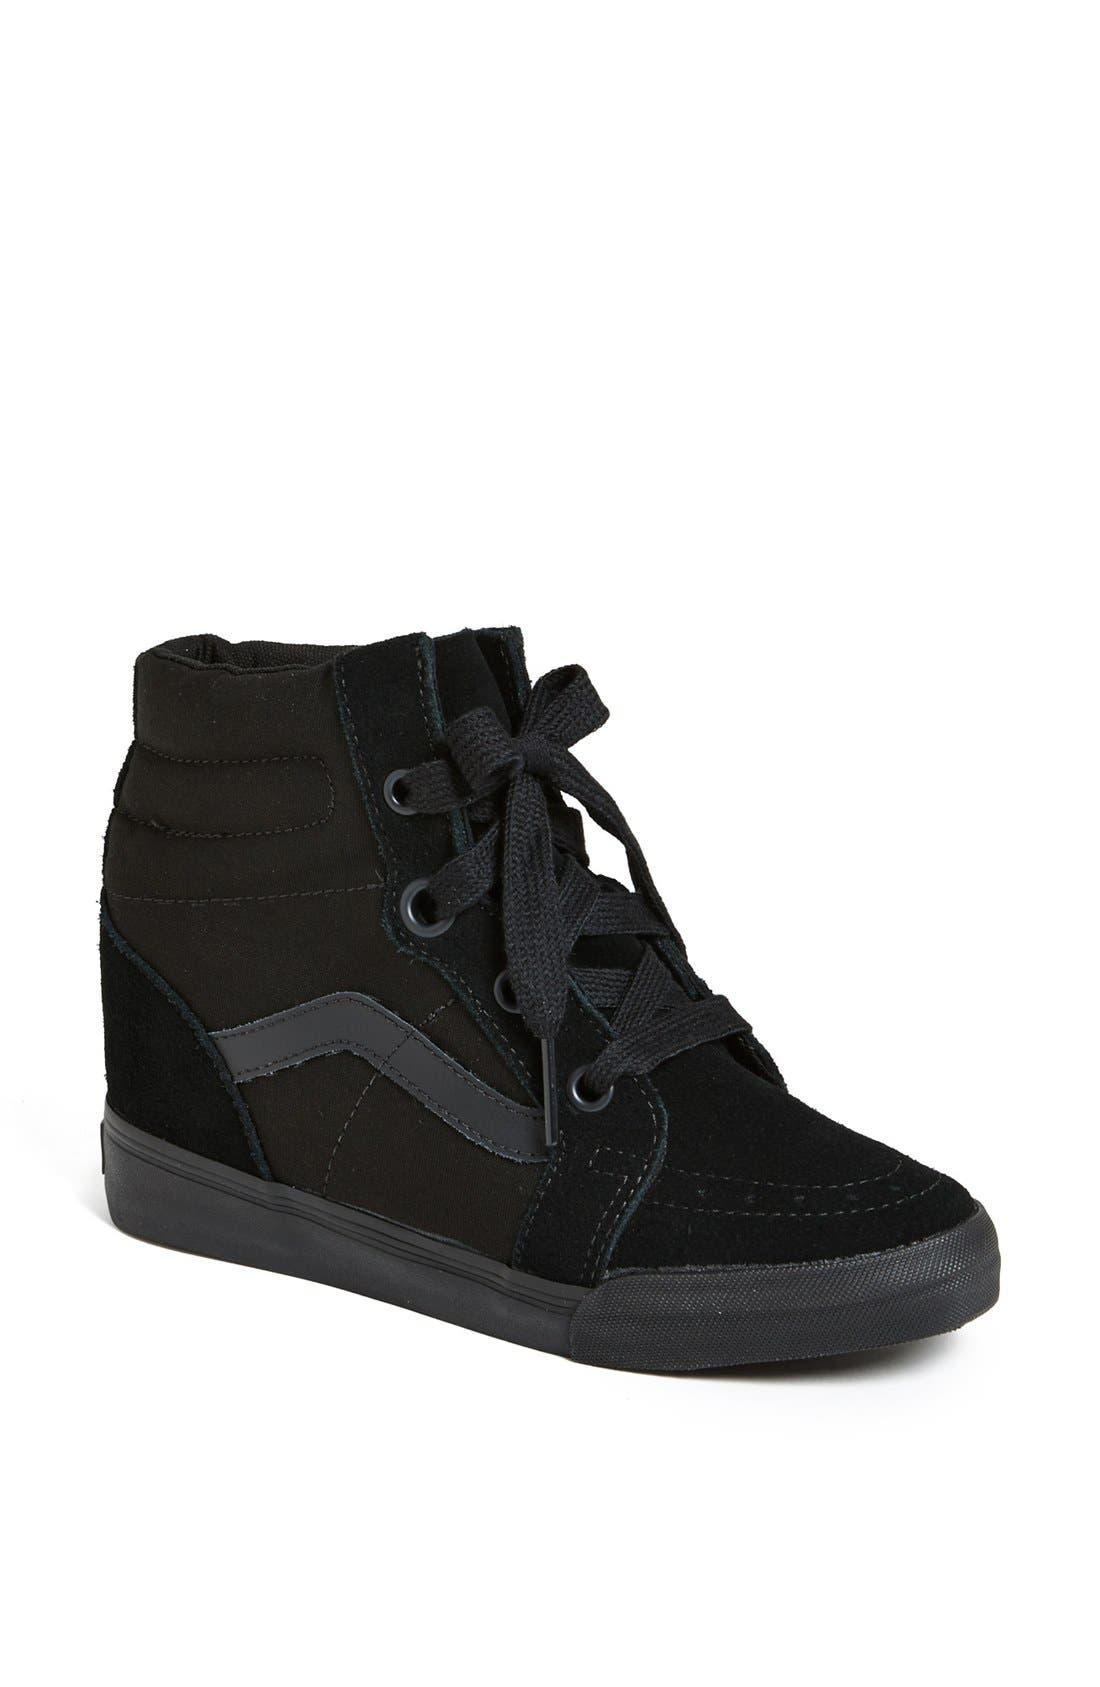 Vans 'Sk8 Hi' Wedge Sneaker (Women